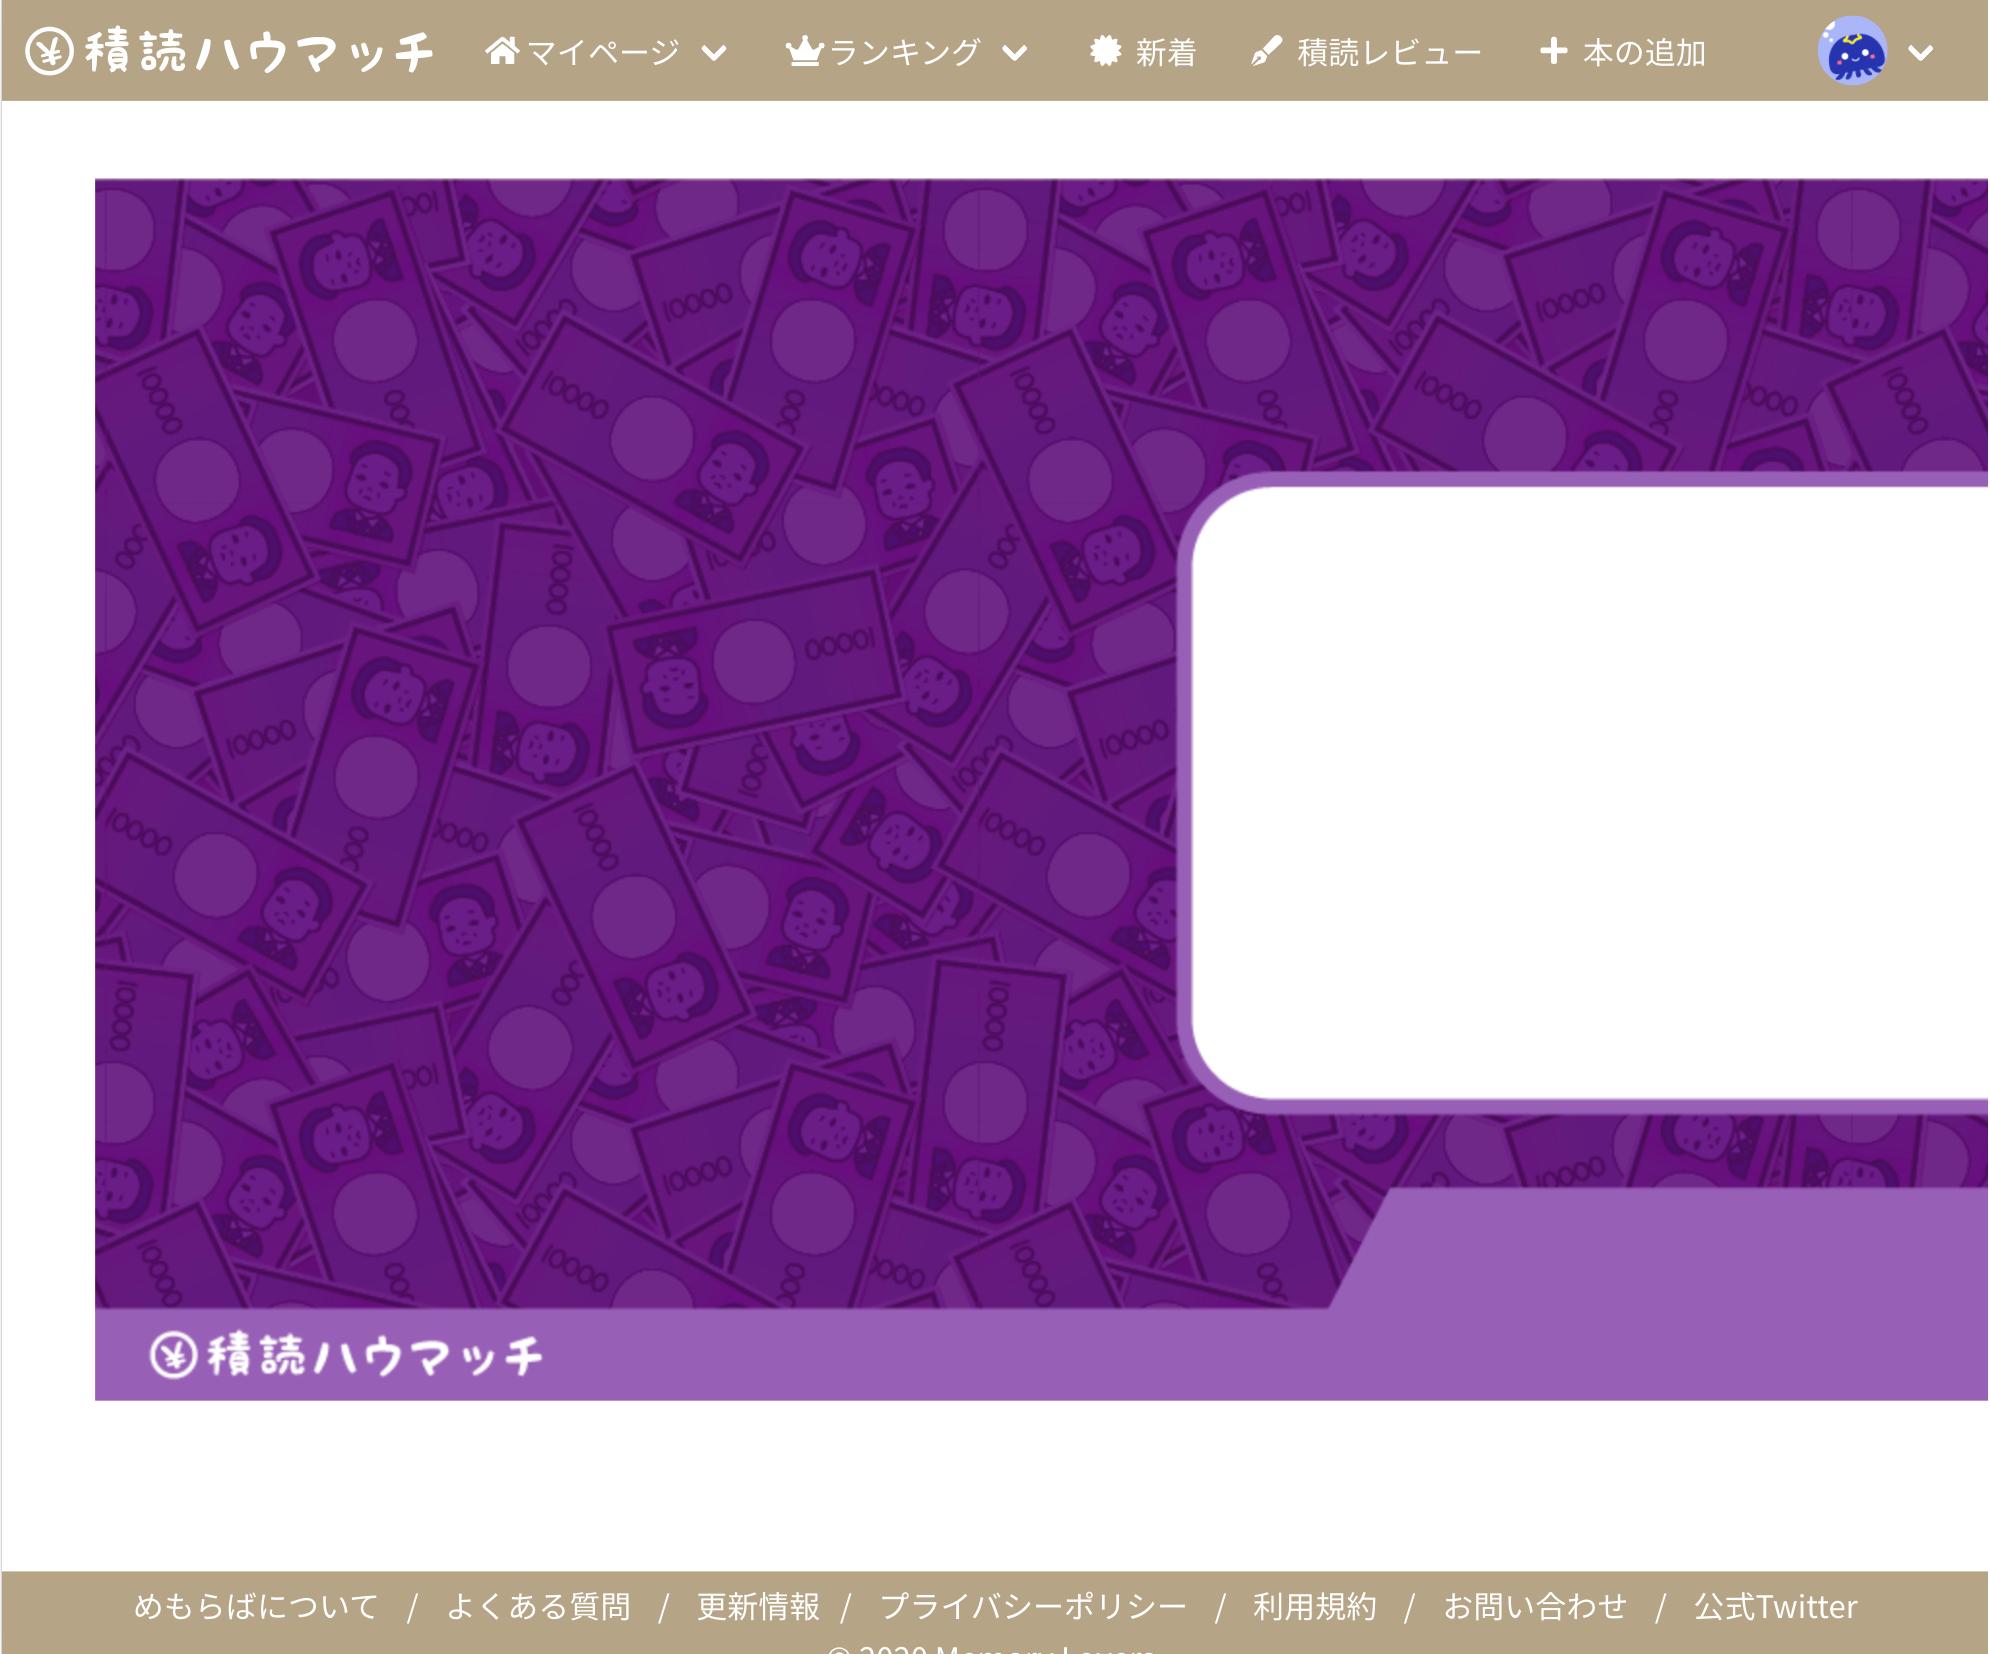 スクリーンショット 2020-05-06 12.46.54.png